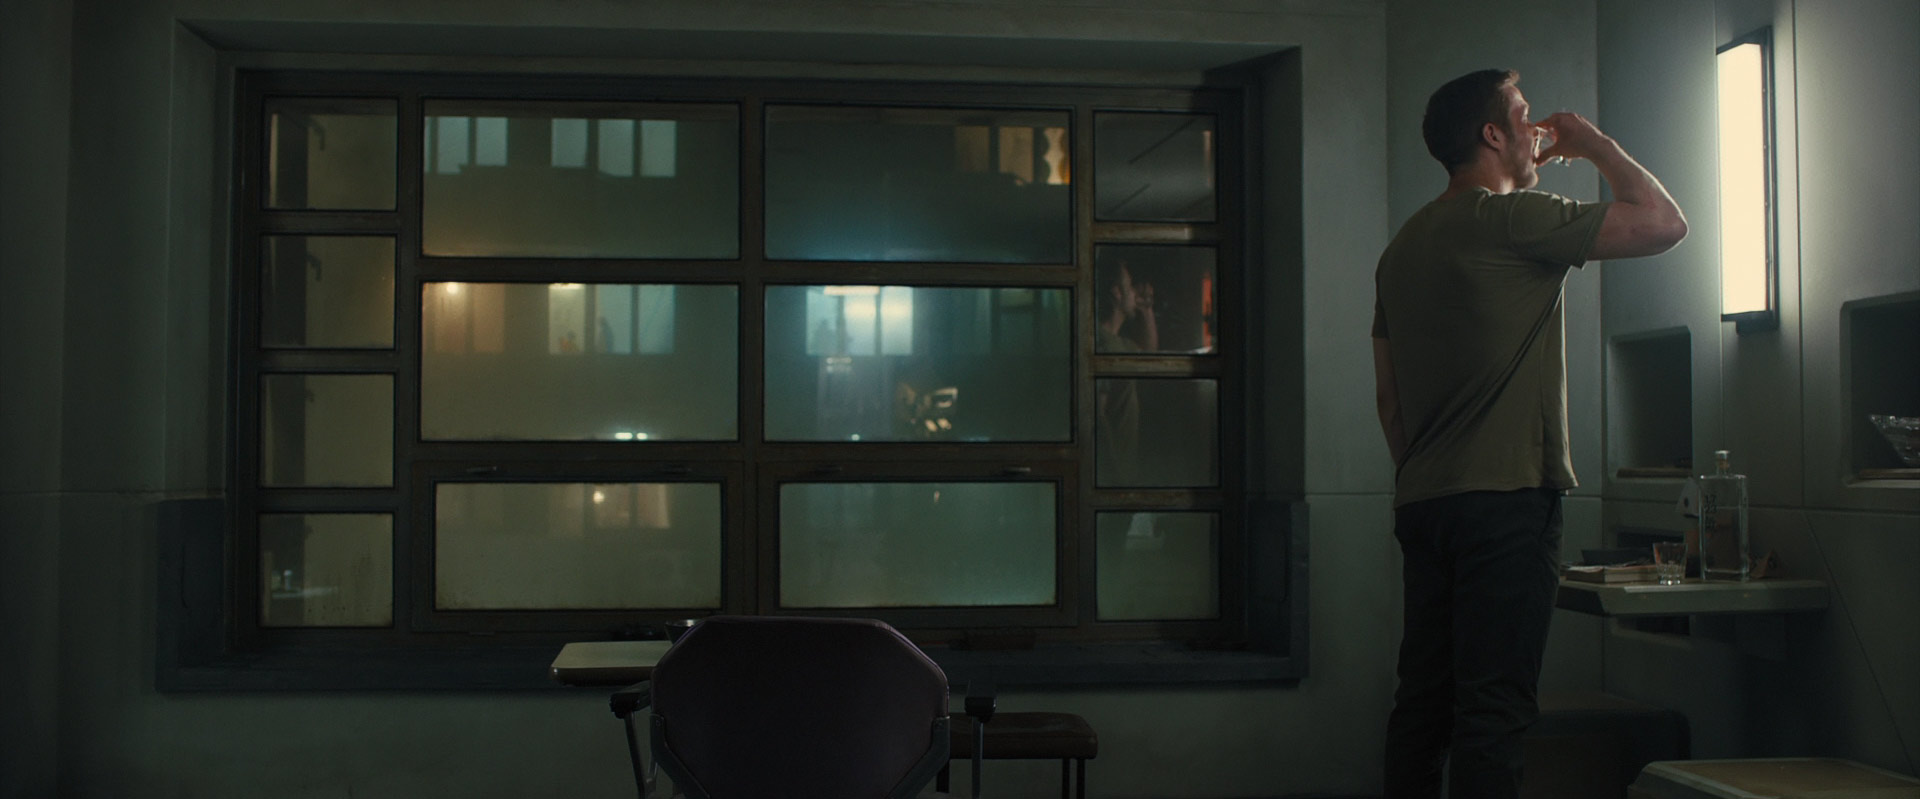 Blade Runner 2049 0107